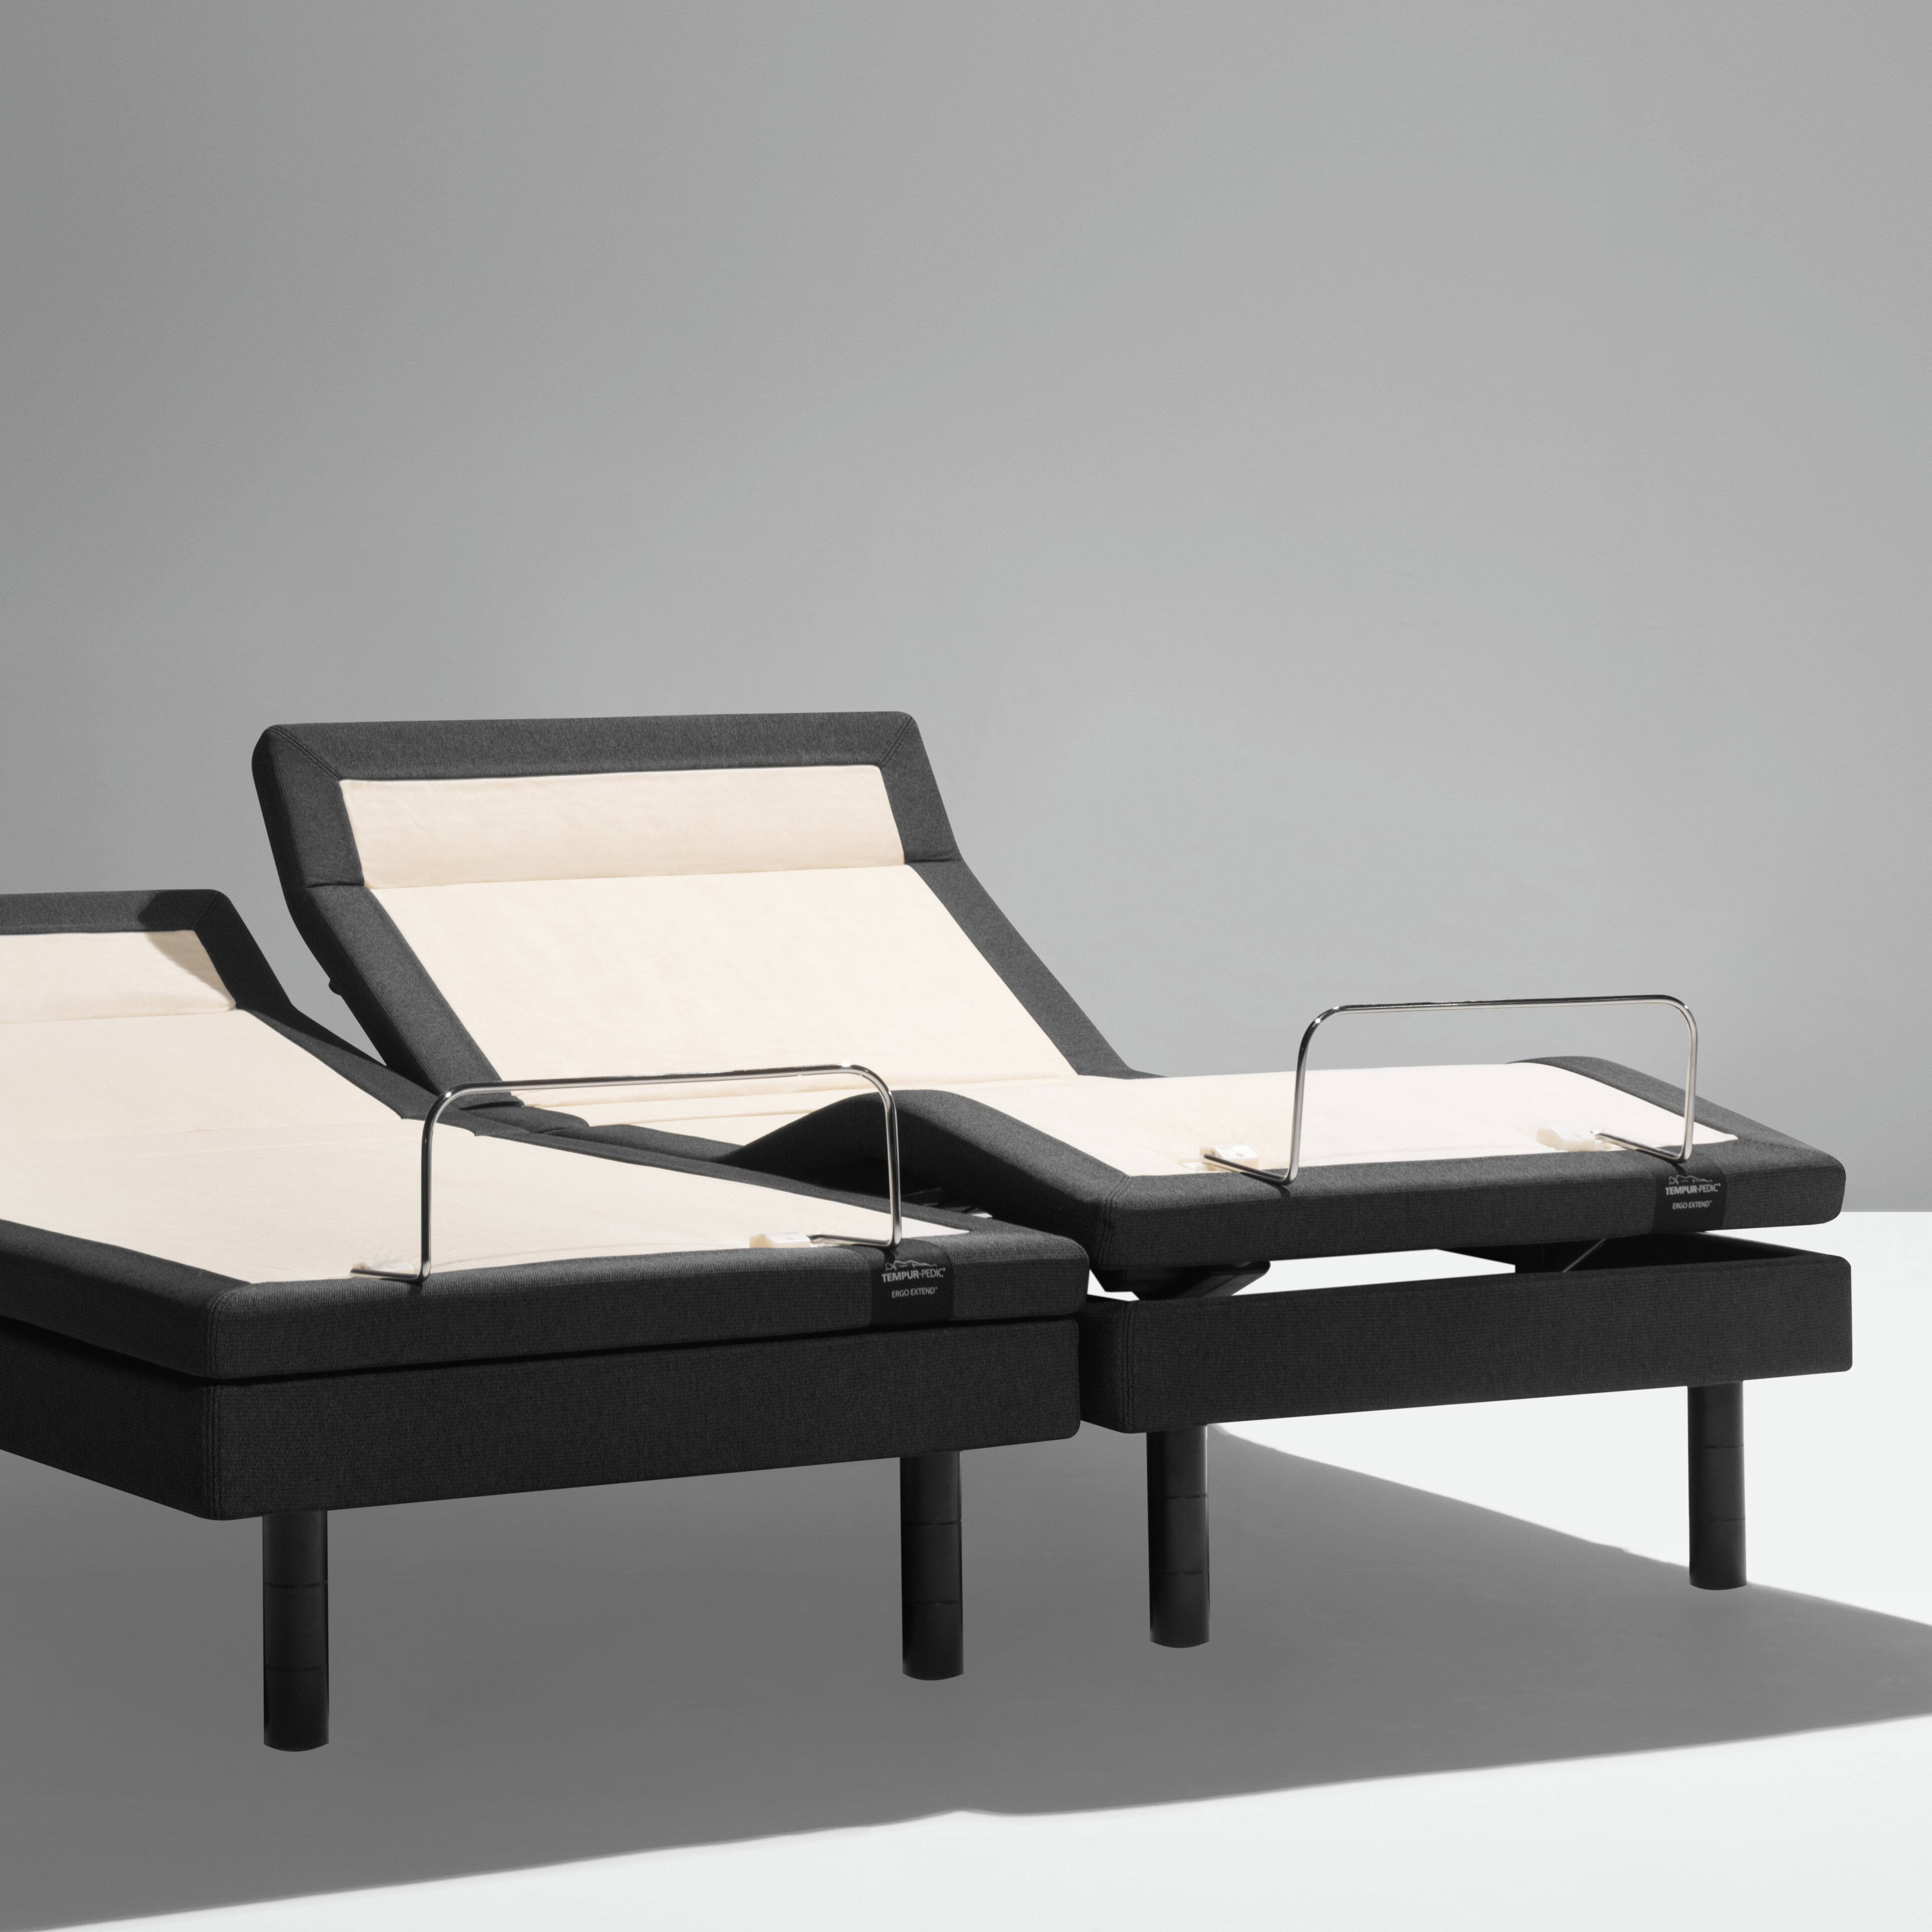 Adjustable Bed Base >> Tempur Ergo Extend Adjustable Bed Base